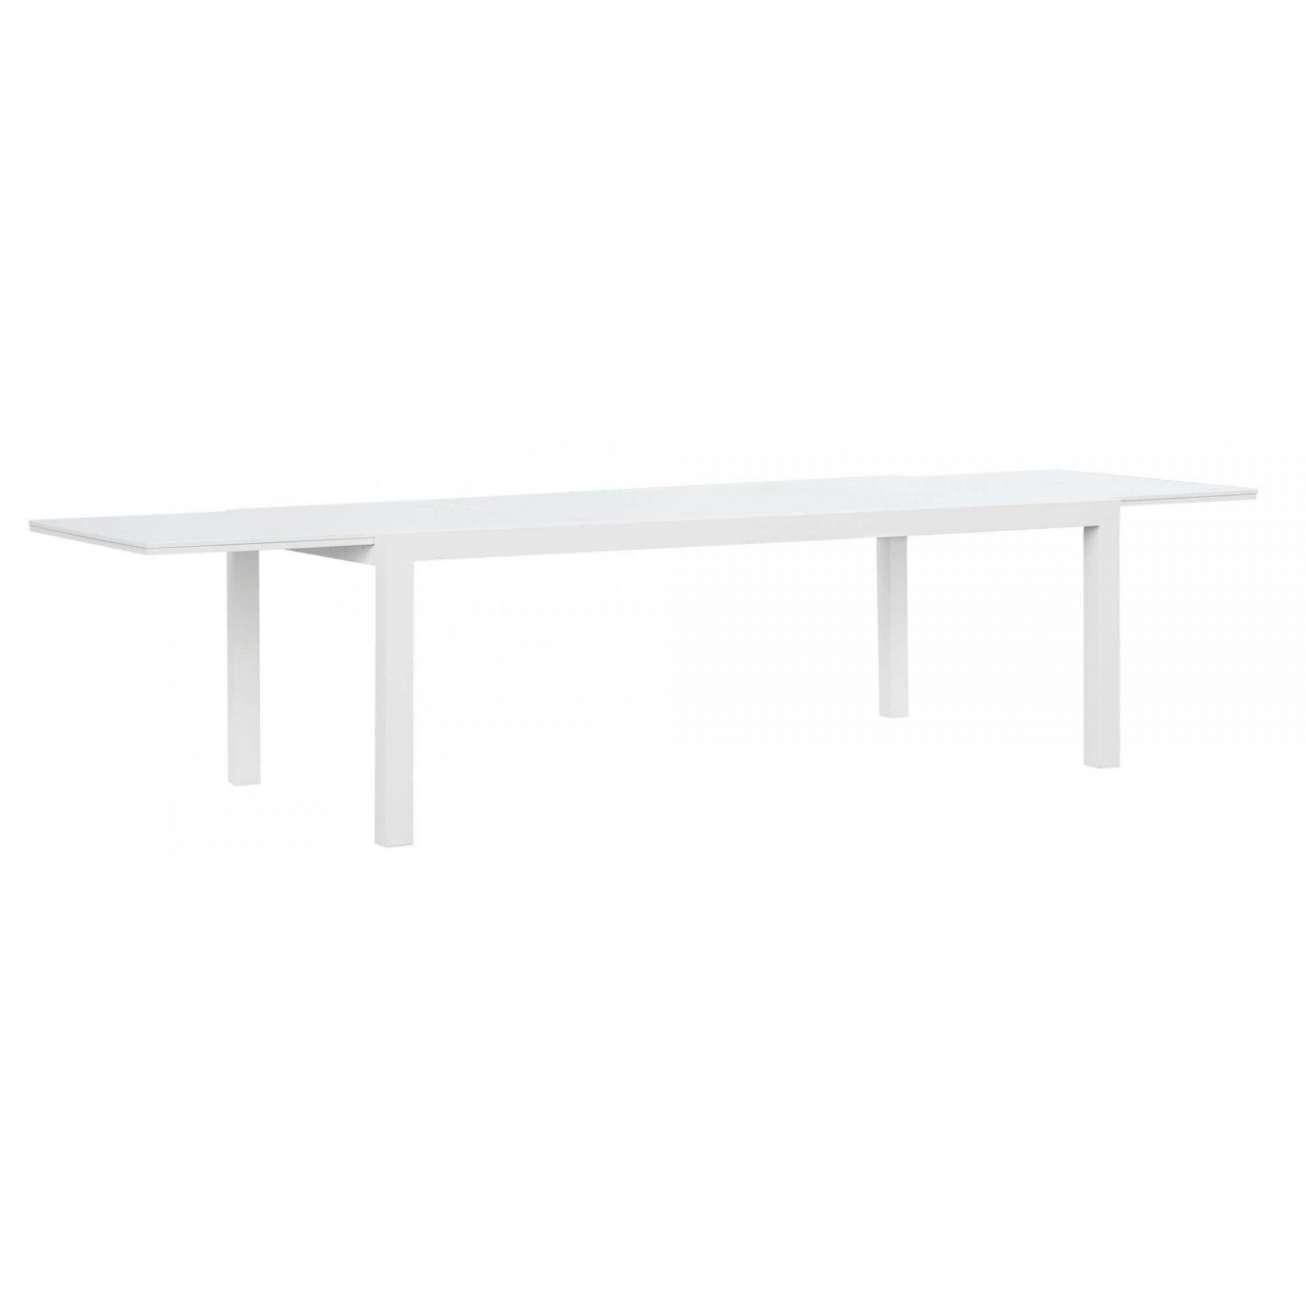 Hvit aluminiumbord med uttrekk